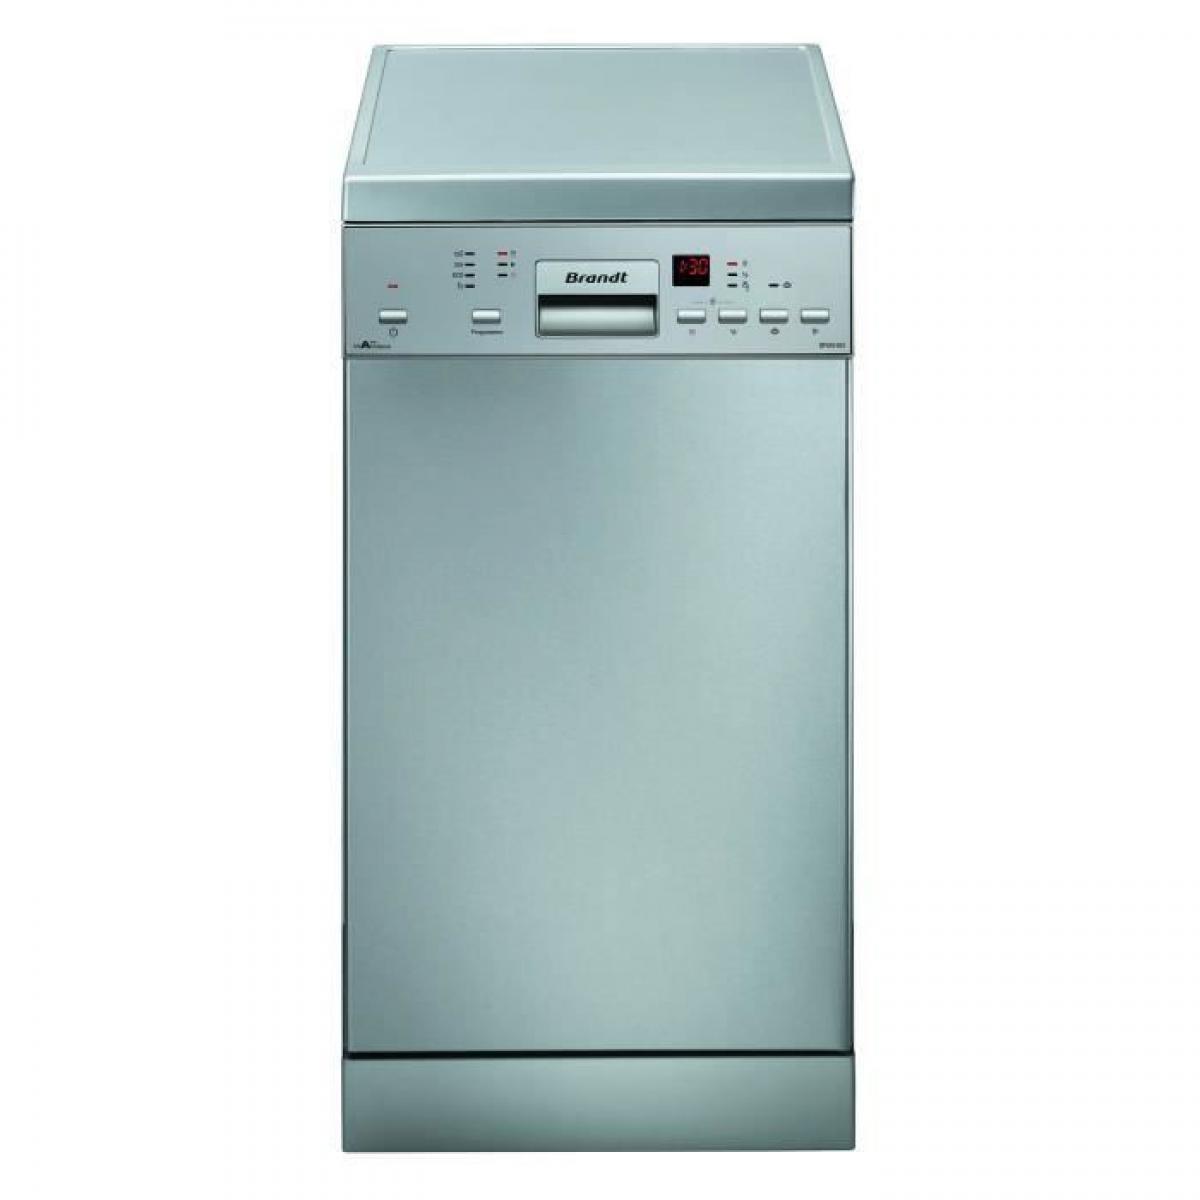 Brandt Lave-vaisselle pose libre BRANDT 10 Couverts 45cm A++, BRADFS1010X